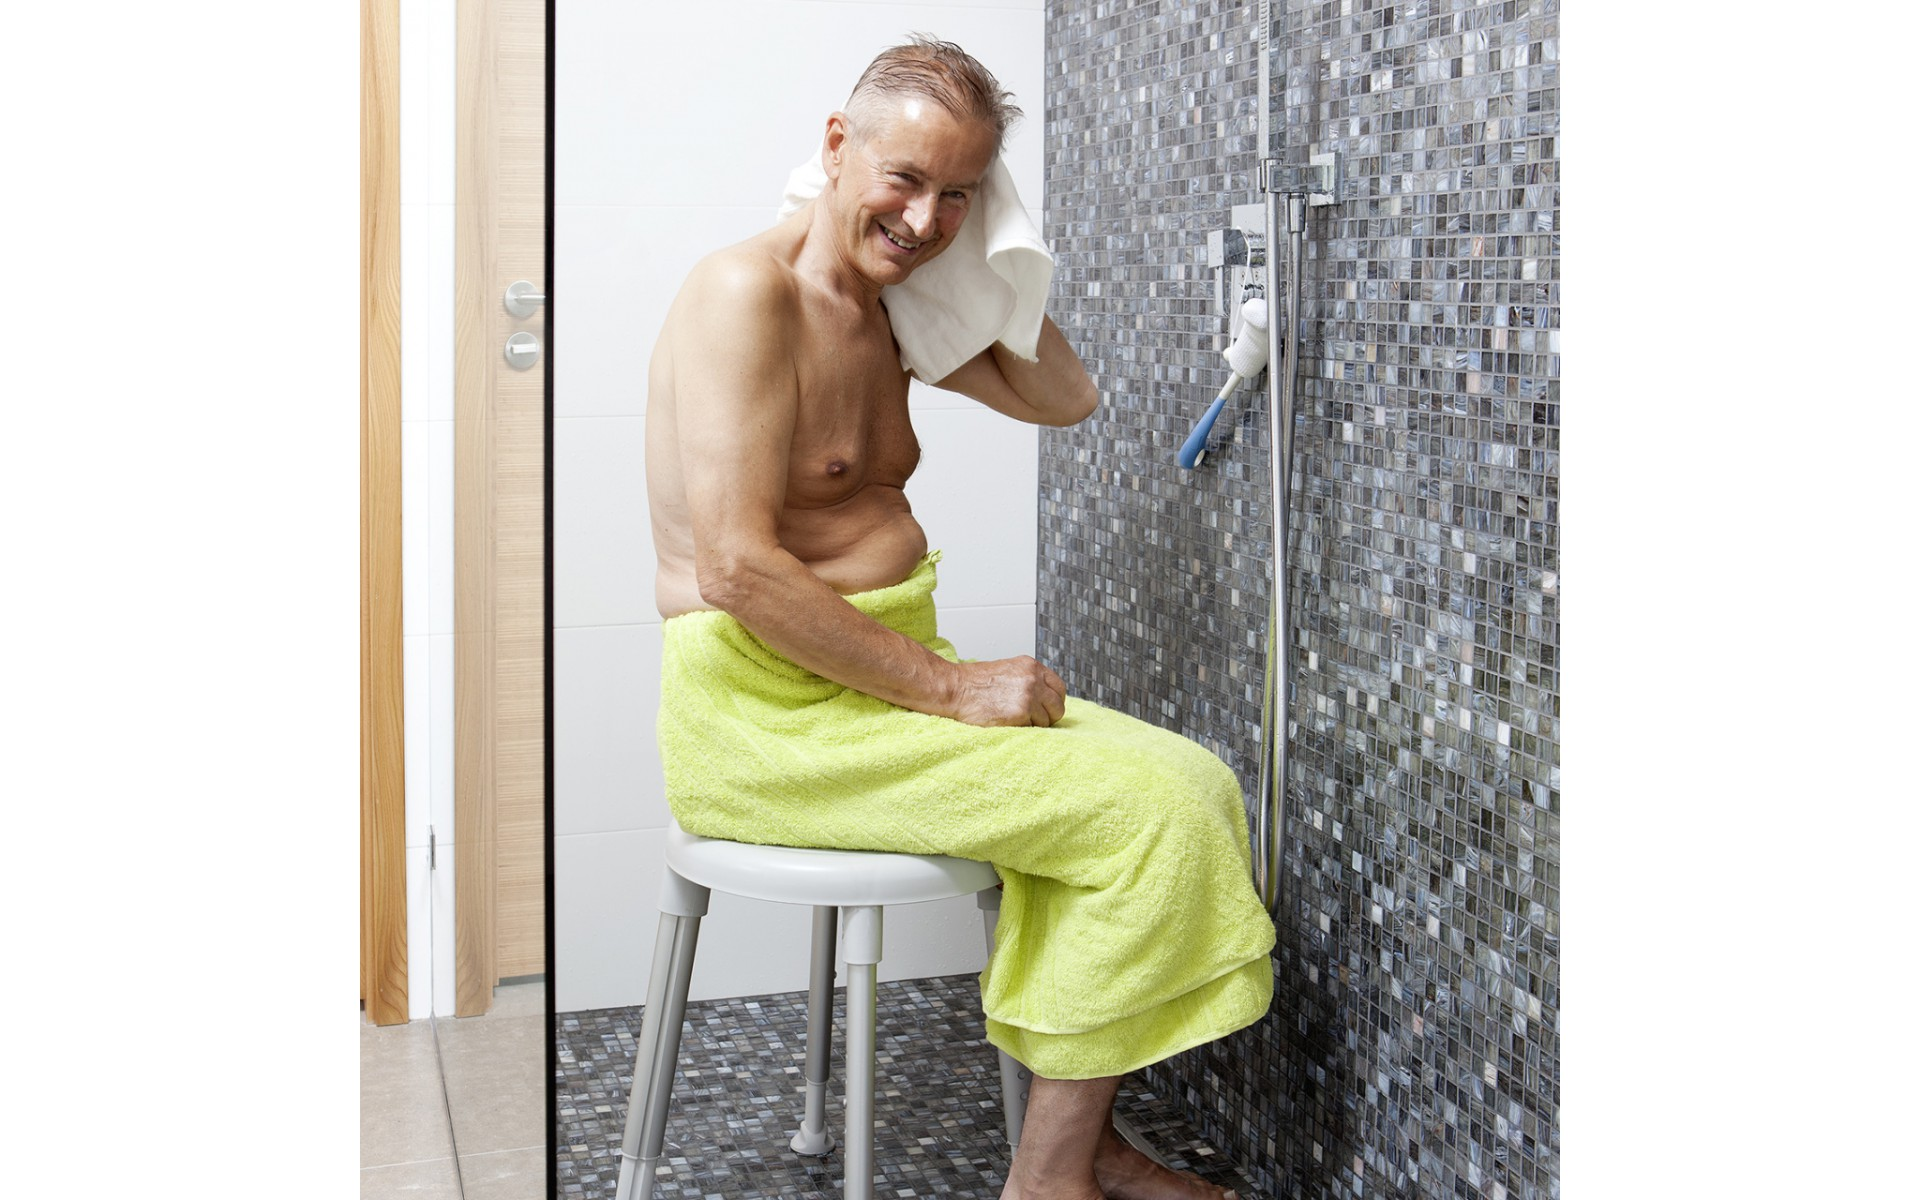 Stołek pod prysznic Etac Easy sprawdzi się pod prysznicem.